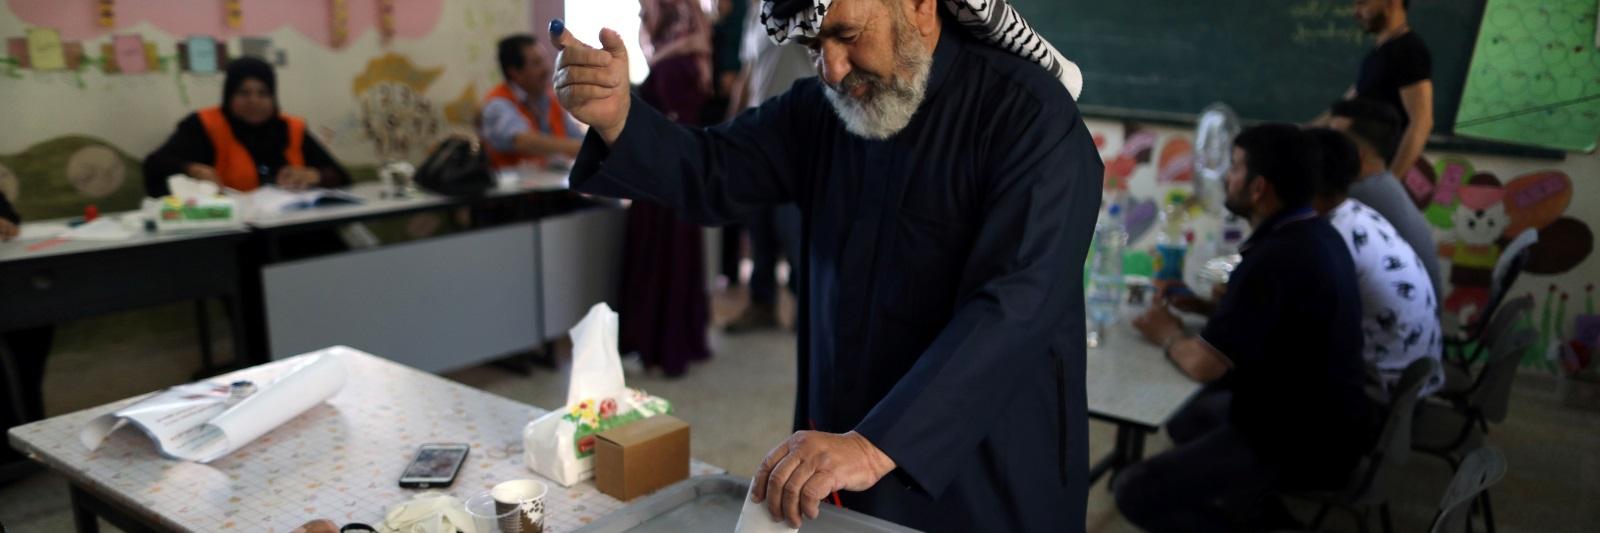 الواقع المهلهل بعد الانتخابات المحلية الفلسطينية